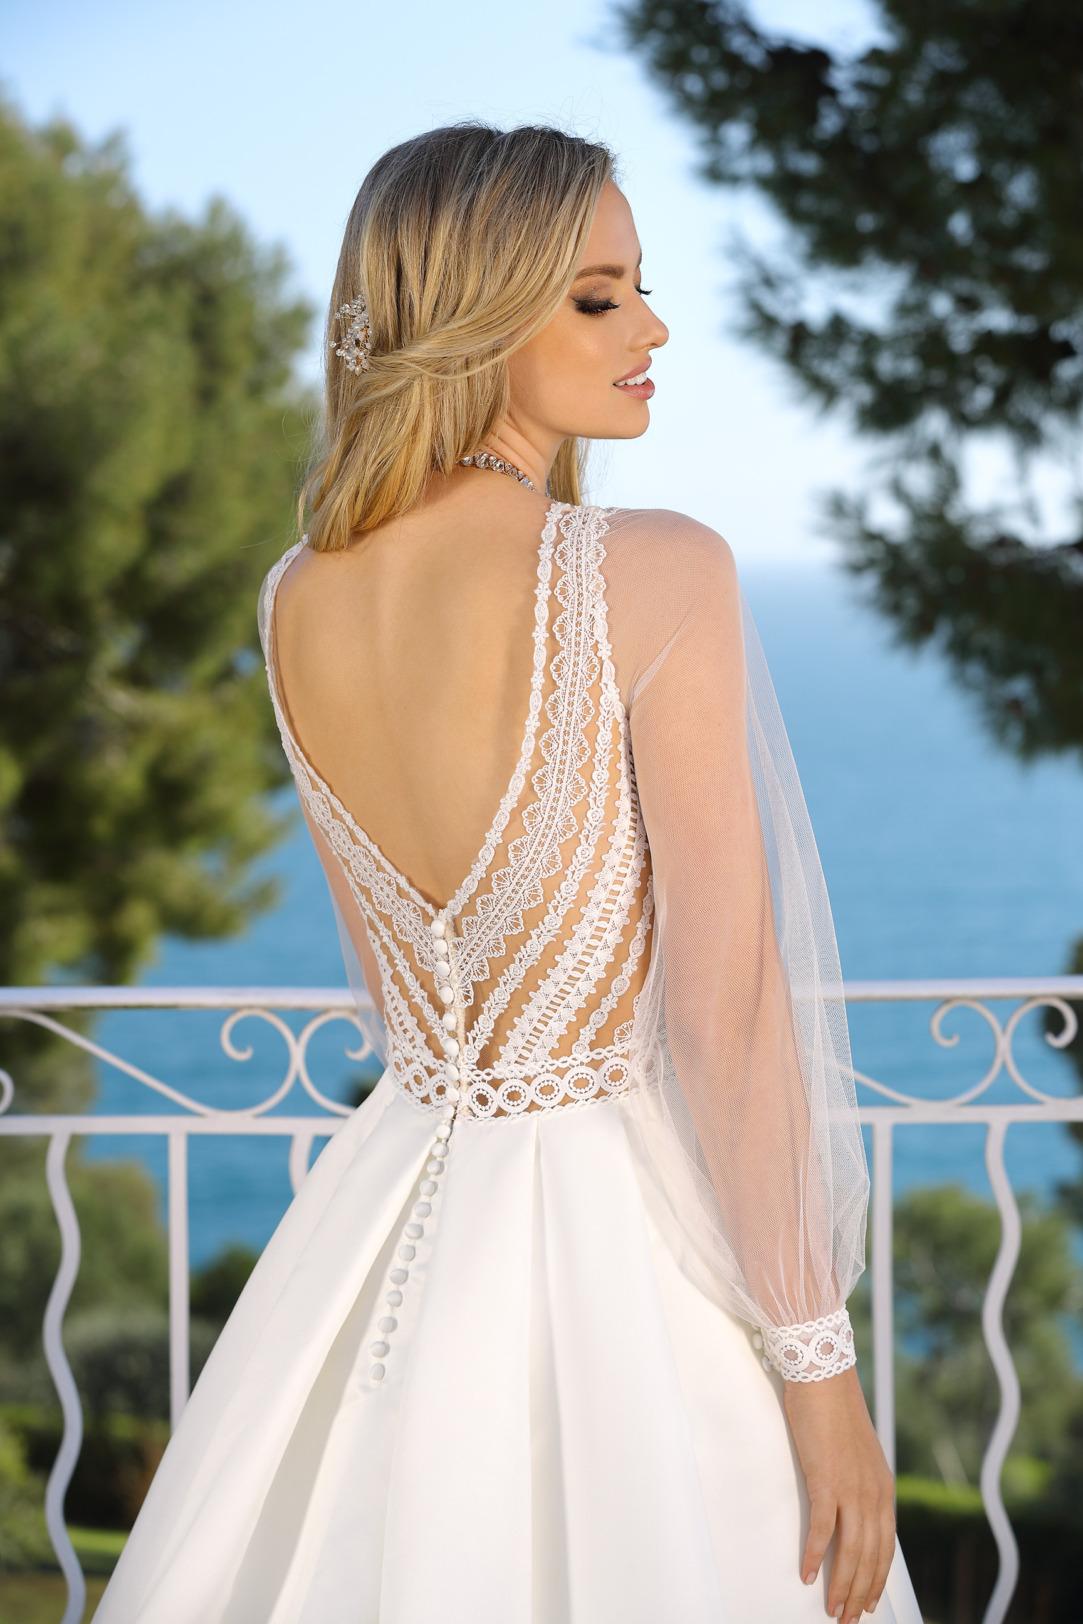 Brautkleid in A Linie mit  detailverliebtem Rückenausschnitt. Hochzeitskleid von Ladybird Modell 421043 mit langem Arm und V Ausschnitt aus feiner Spitze